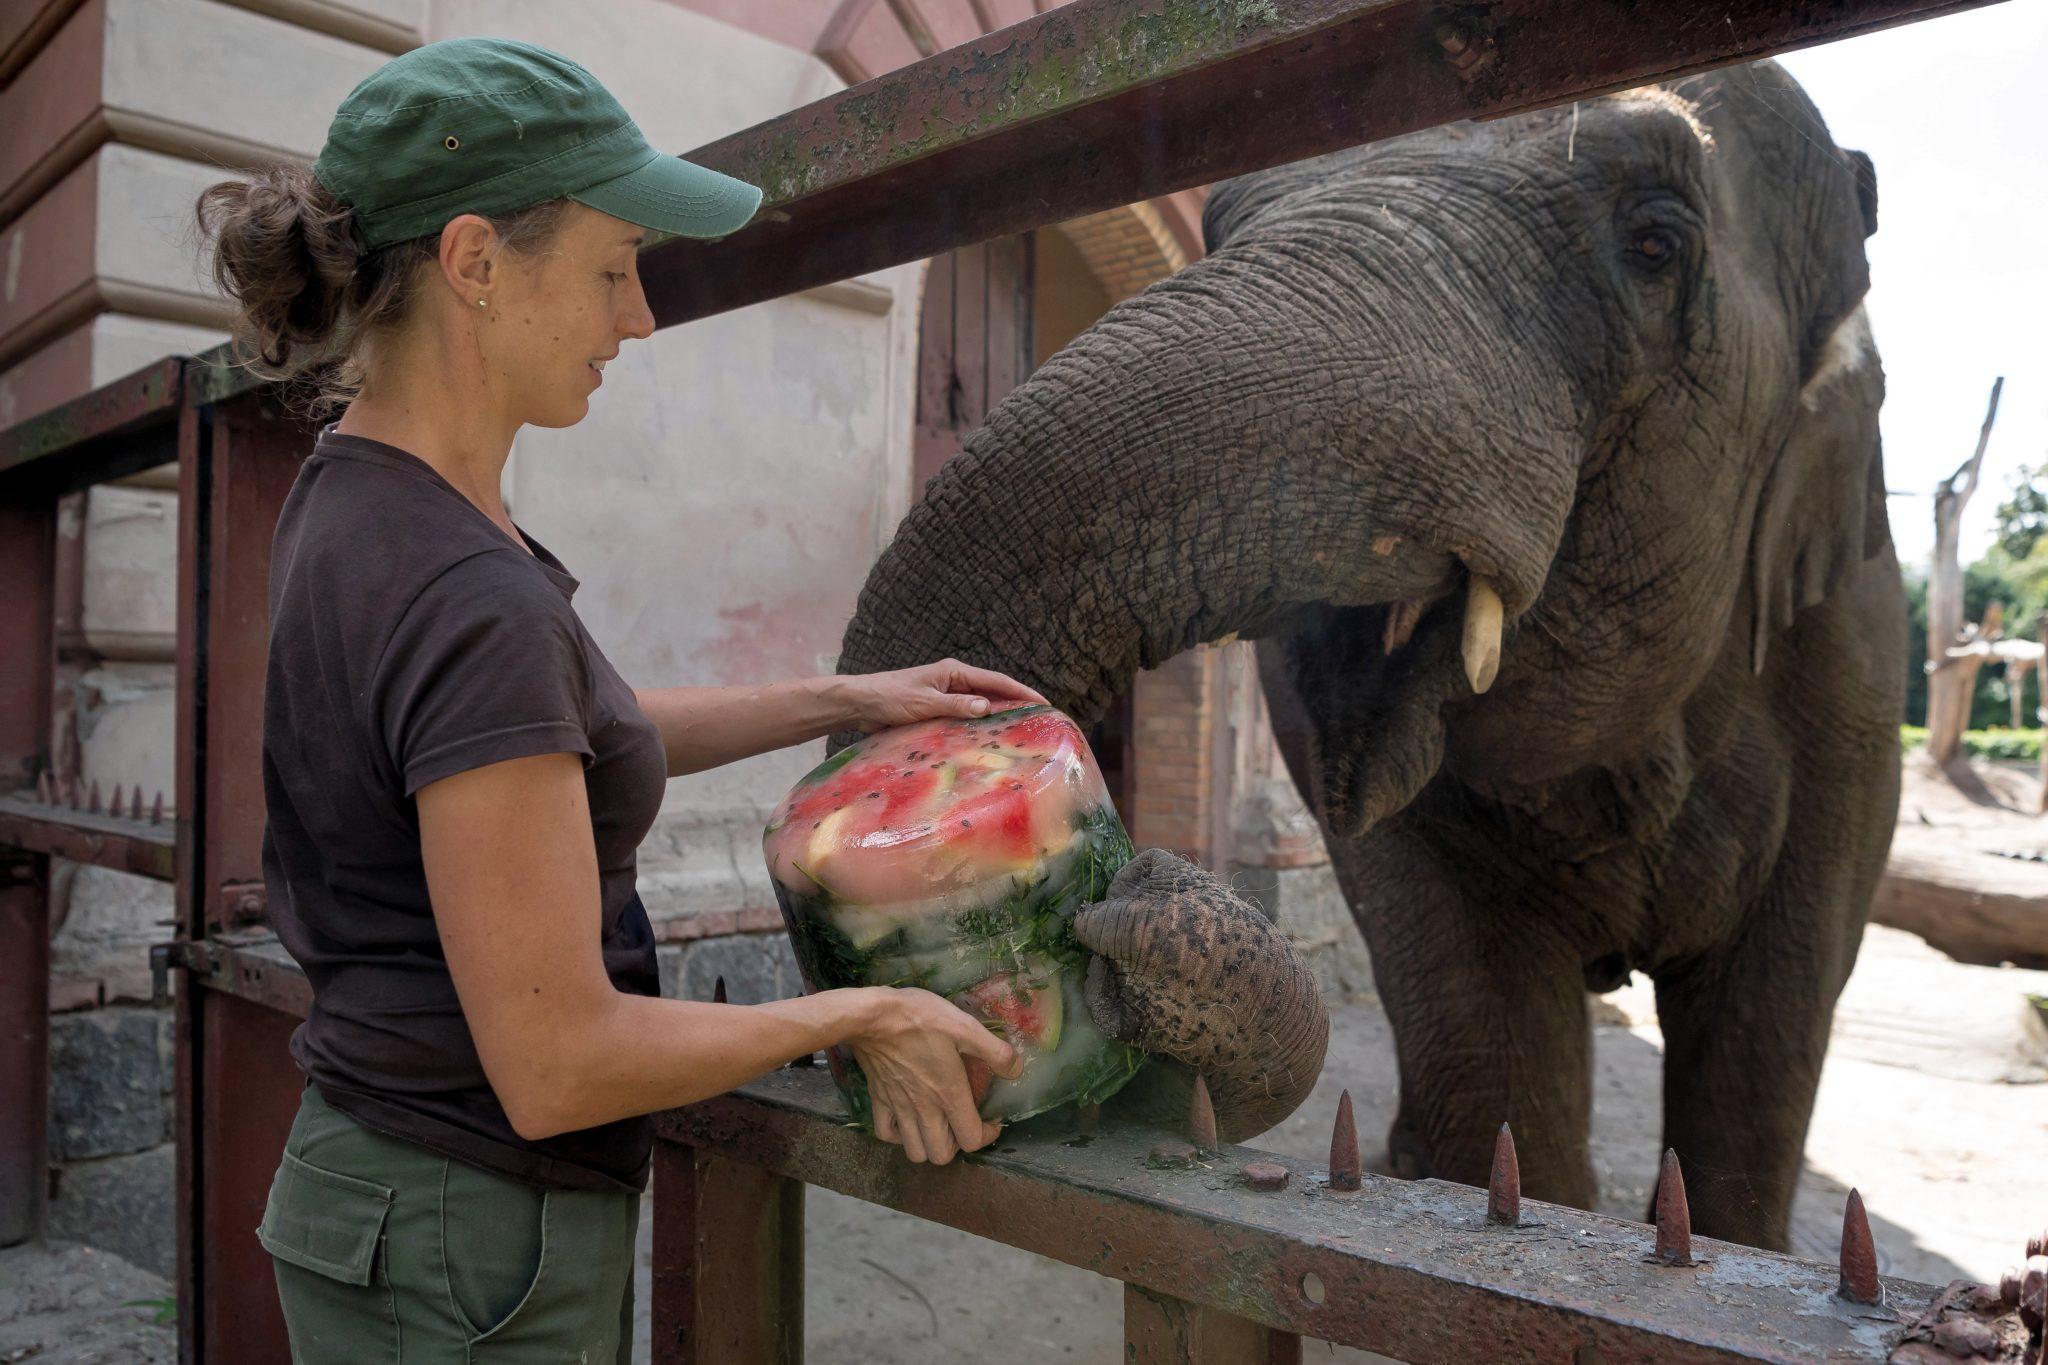 Słonice indyjskie z wrocławskiego ZOO - Birma i Toto dostały od swojej opiekunki mrożone owoce i warzywa. Aby upał mniej doskwierał. zwierzęta wzięły też zimny prysznic, fot. Maciej Kulczyński, PAP